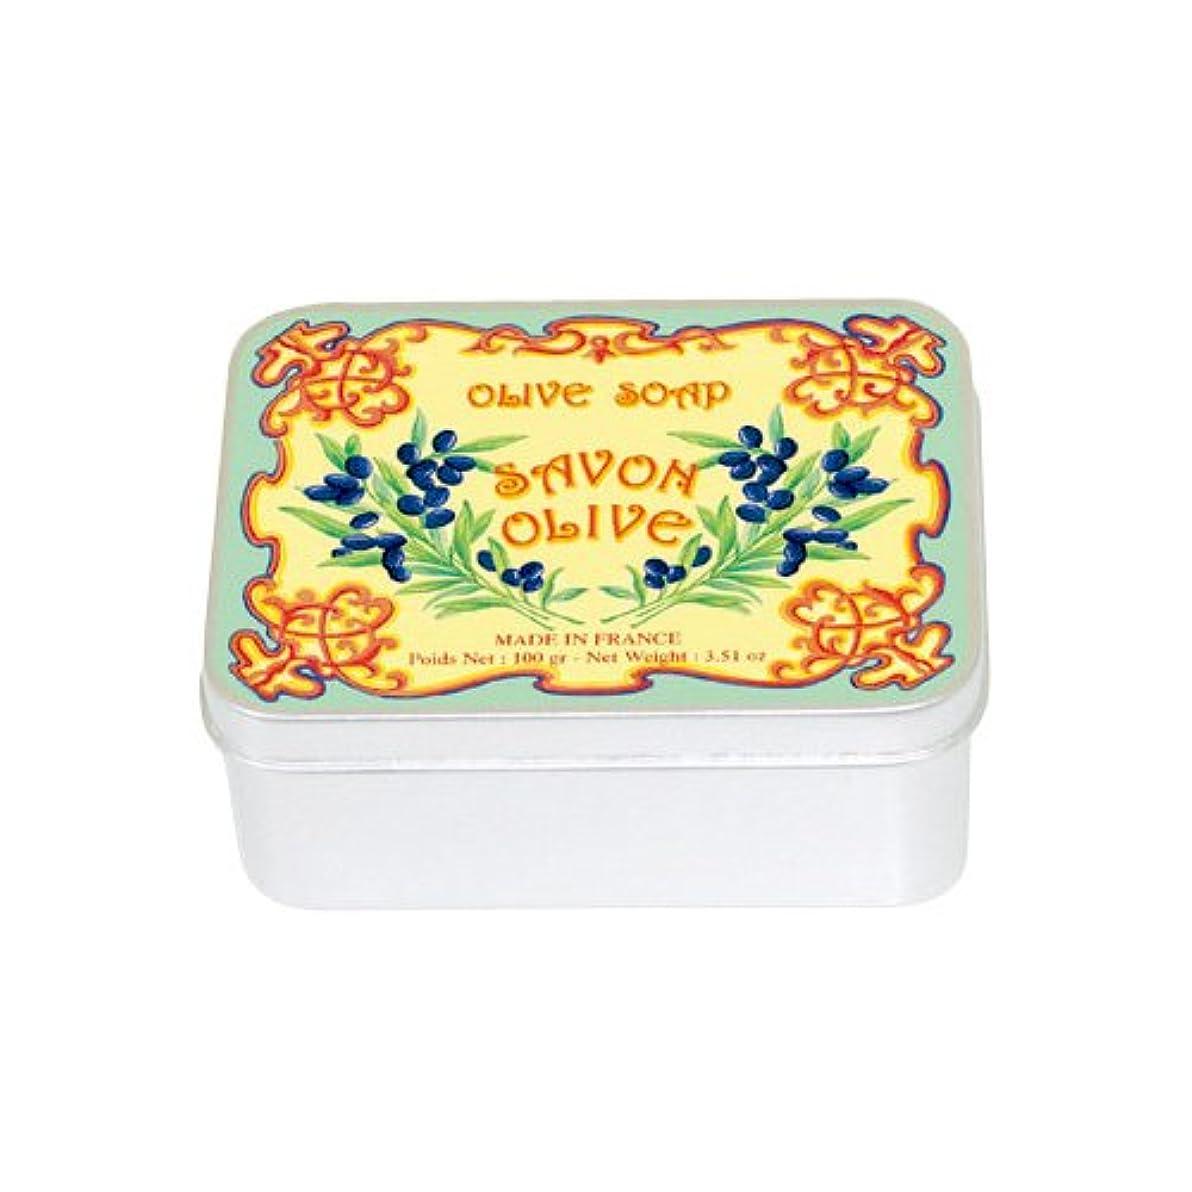 優雅なテープ修士号ルブランソープ メタルボックス(オリーブの香り)石鹸